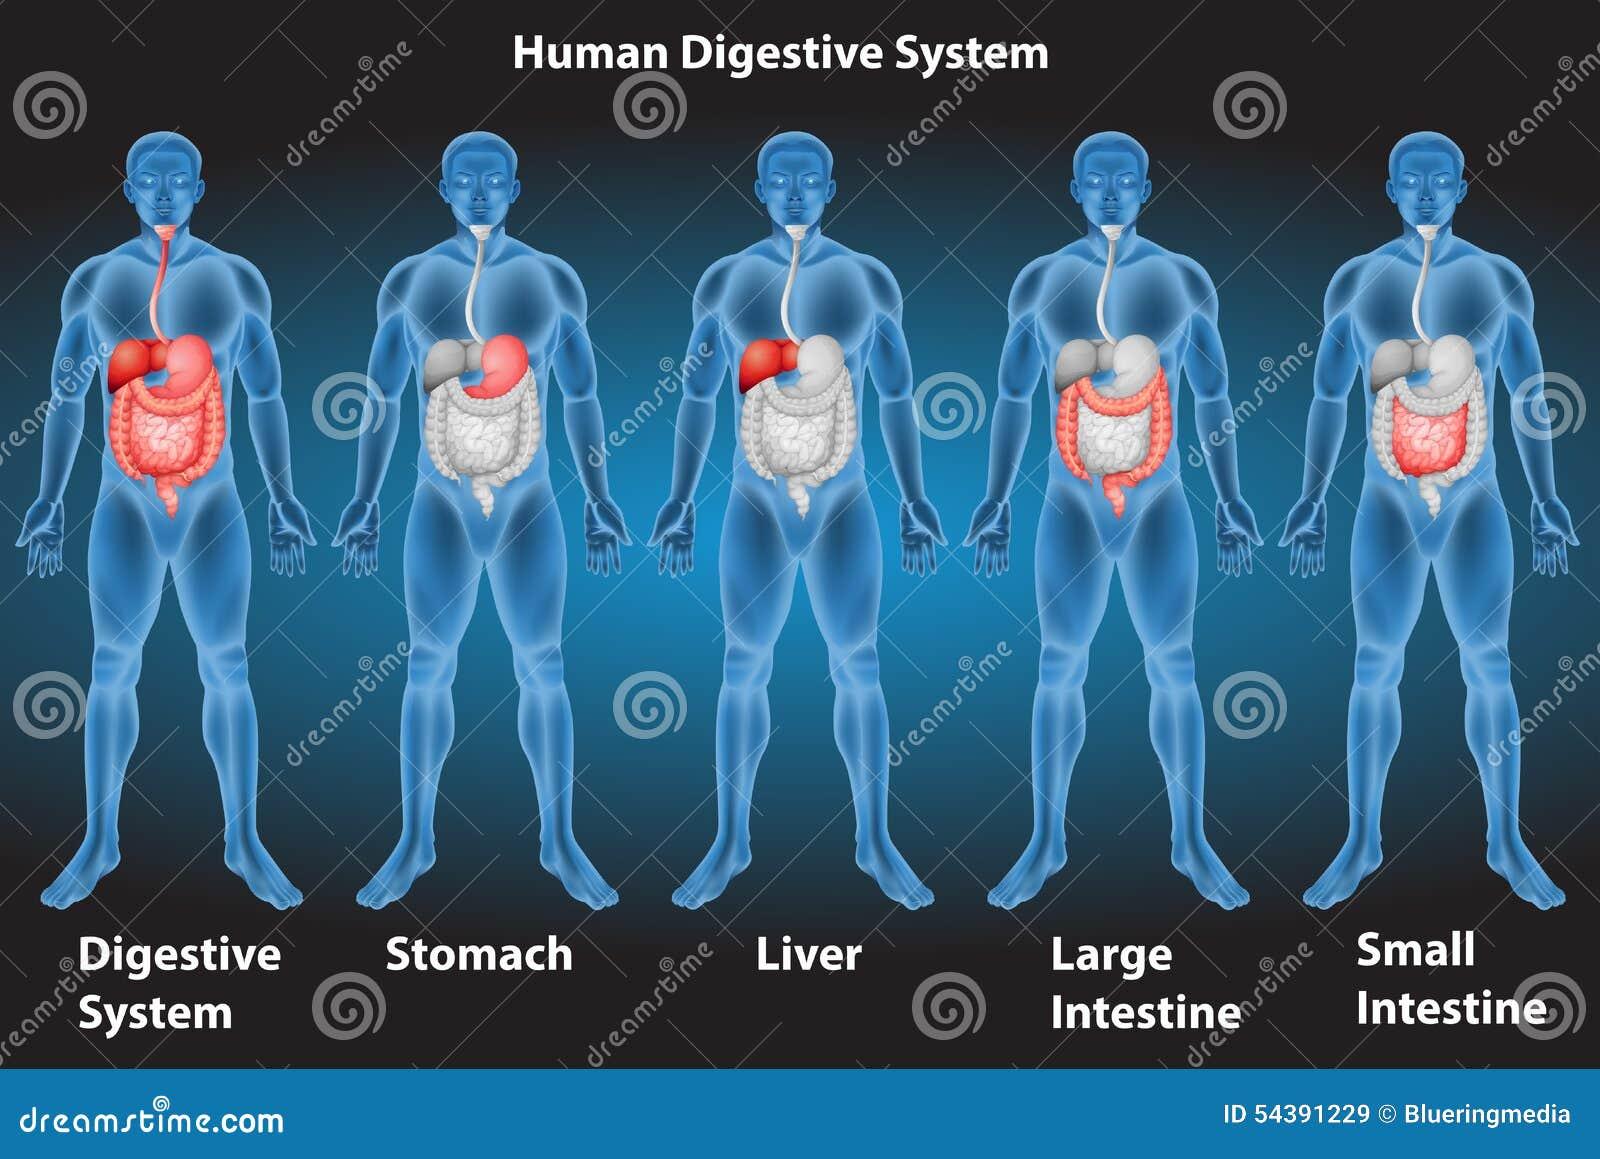 Gemütlich Diagramm Verdauungssystem Zeitgenössisch - Menschliche ...